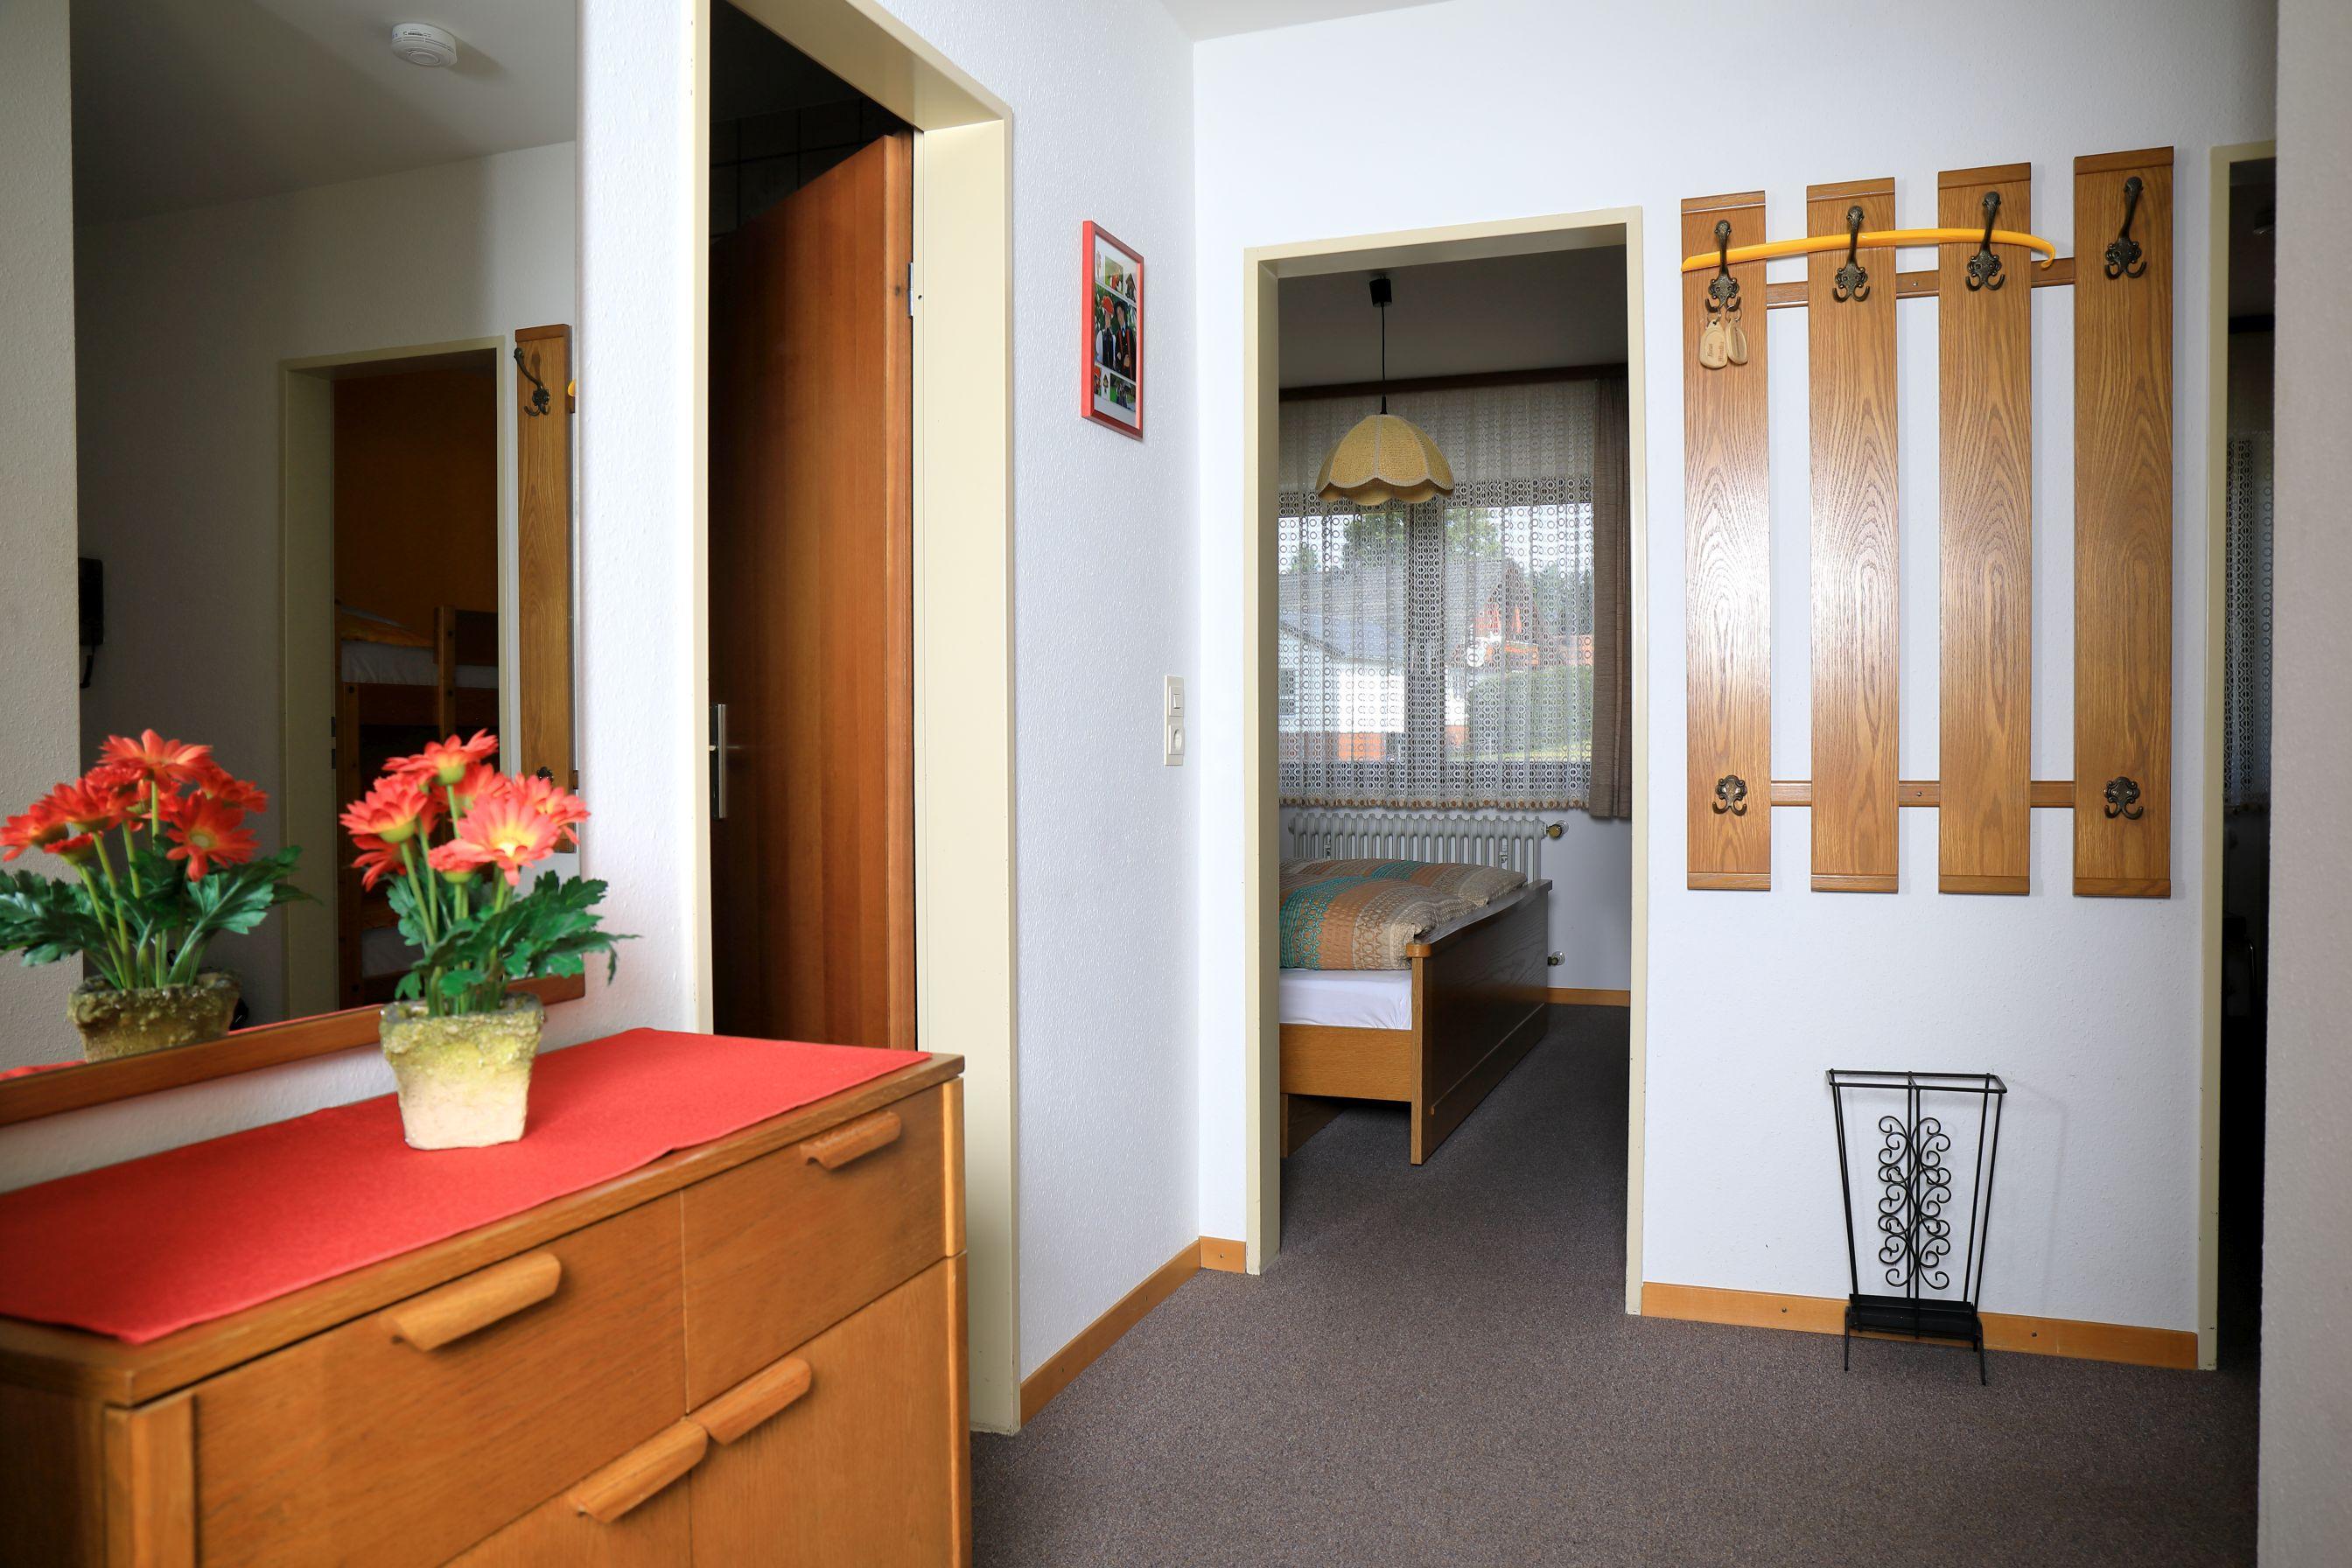 Ferienwohnung Haus Monika Ferienwohnungen, (Herrischried). Ferienwohnung Nr. 3, 62 qm, Balkon, 2 Schlafz (2299231), Herrischried, Schwarzwald, Baden-Württemberg, Deutschland, Bild 10